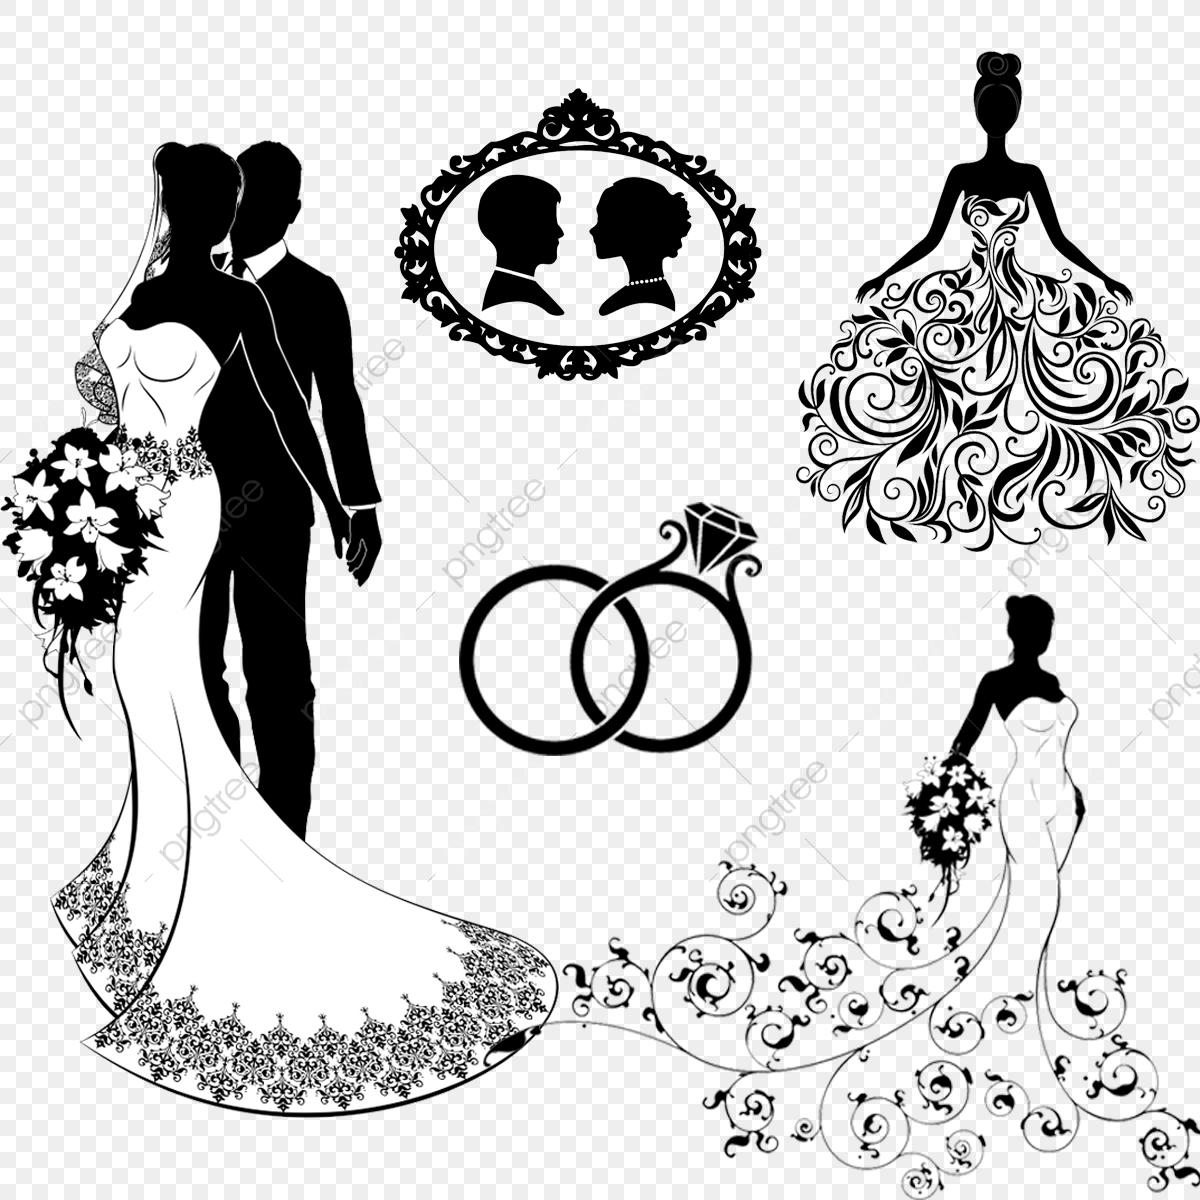 Brides Silhouettes, Silhoutte, Bride PNG Transparent Clipart Image.